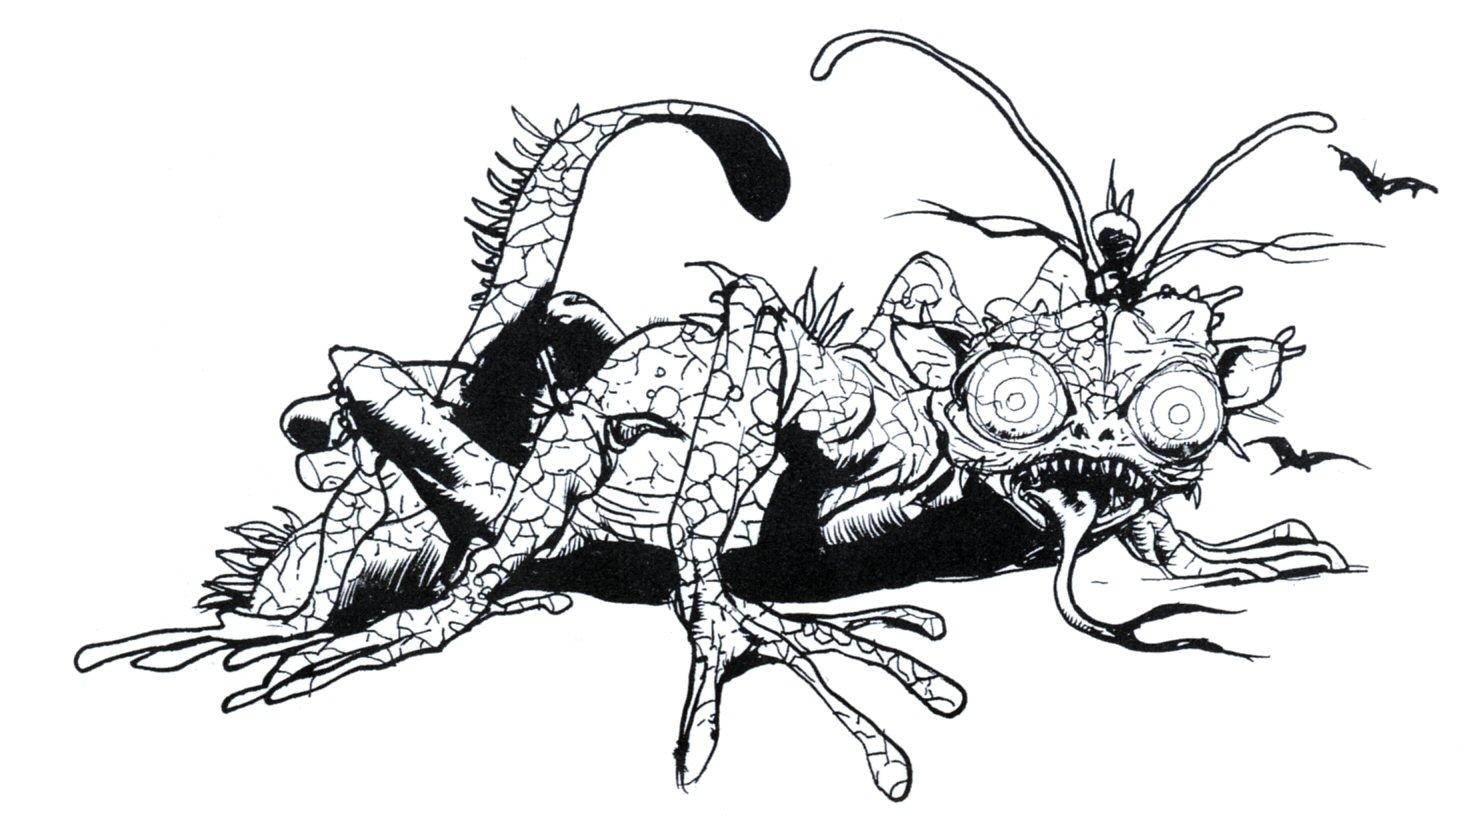 lizard enemy final fantasy wiki fandom powered by wikia